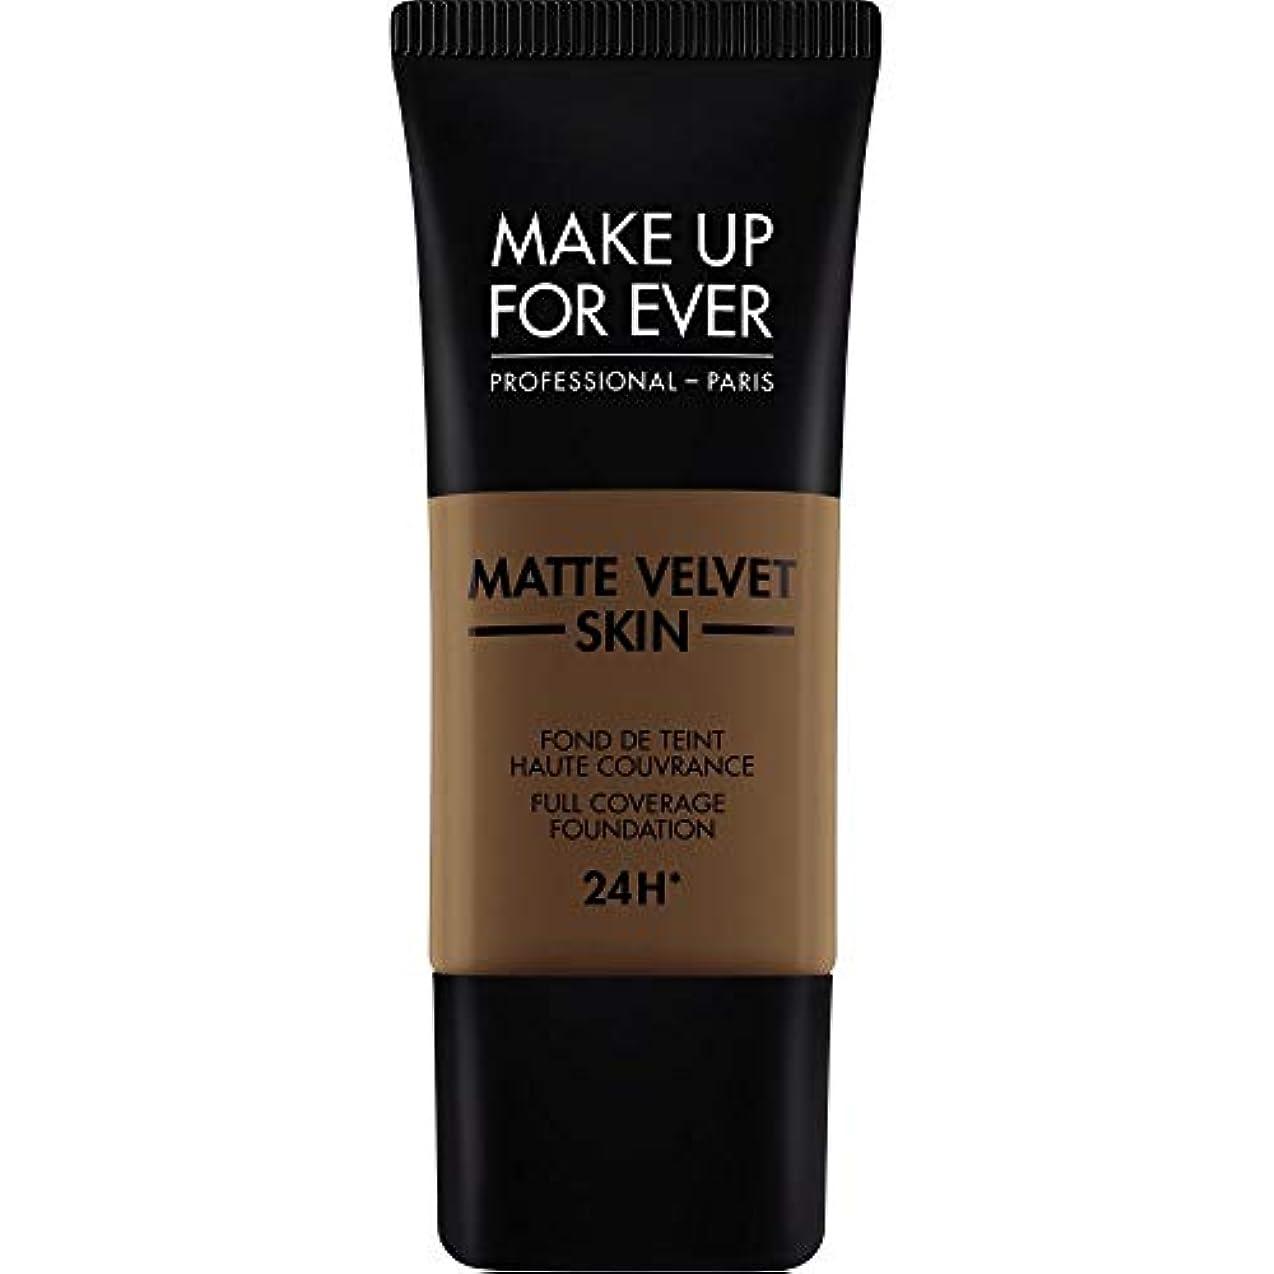 透明に電池台風[MAKE UP FOR EVER ] ダークブラウン - これまでマットベルベットの皮膚のフルカバレッジ基礎30ミリリットルのR540を補います - MAKE UP FOR EVER Matte Velvet Skin...